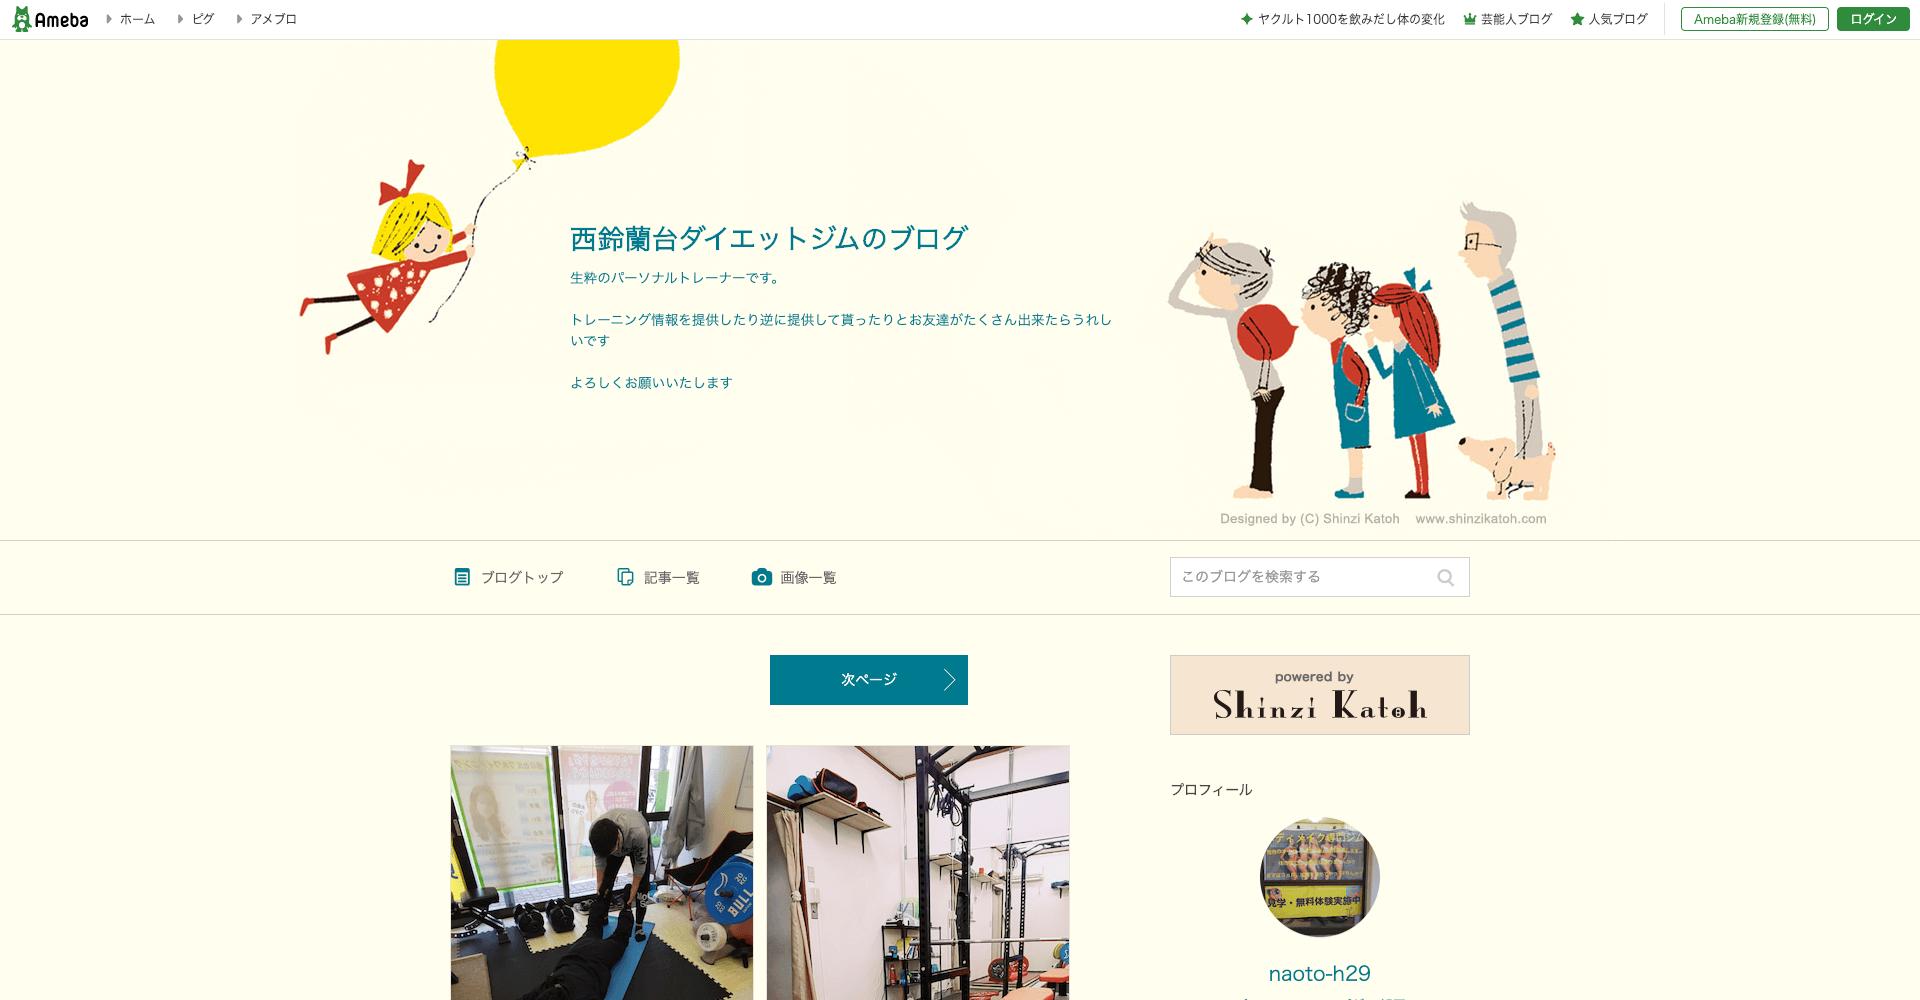 西鈴パーソナルジム INFINITY